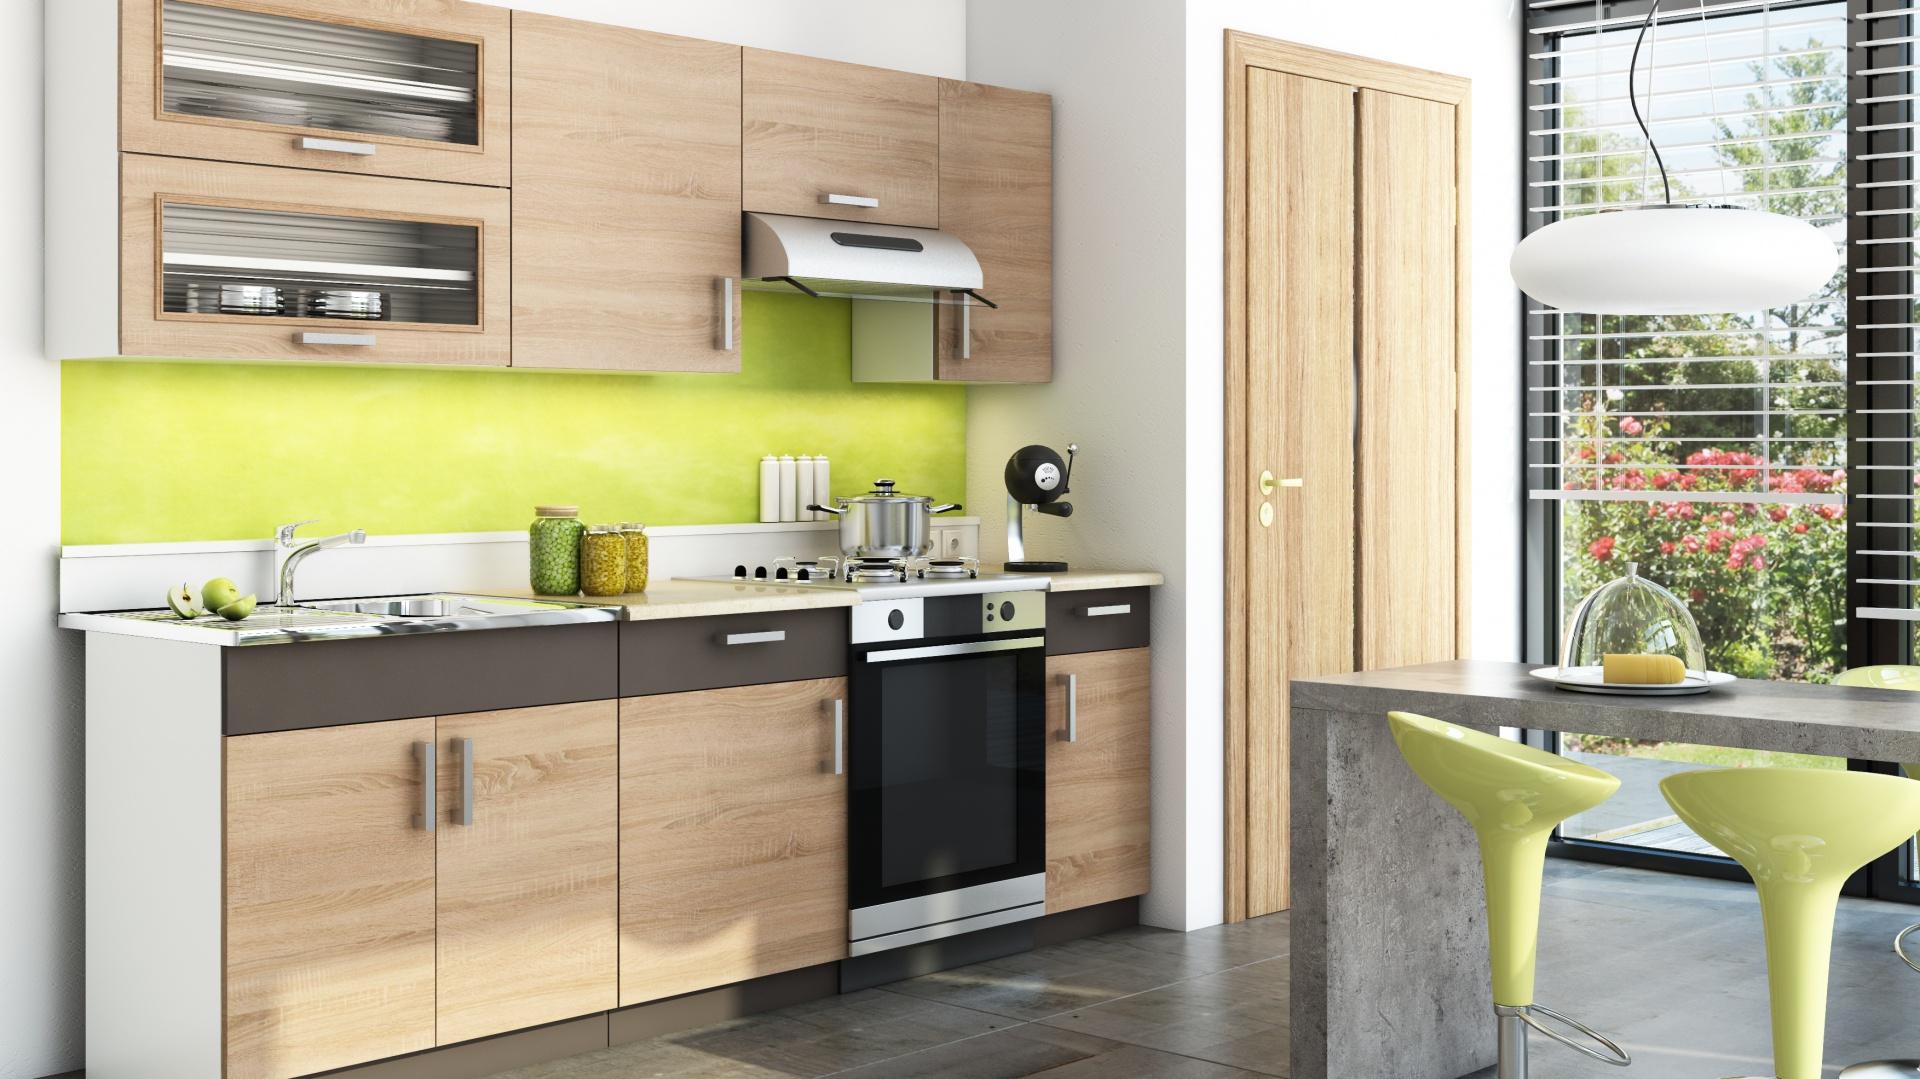 Kuchnia W Małym Mieszkaniu Jak Mądrze Ją Urządzić